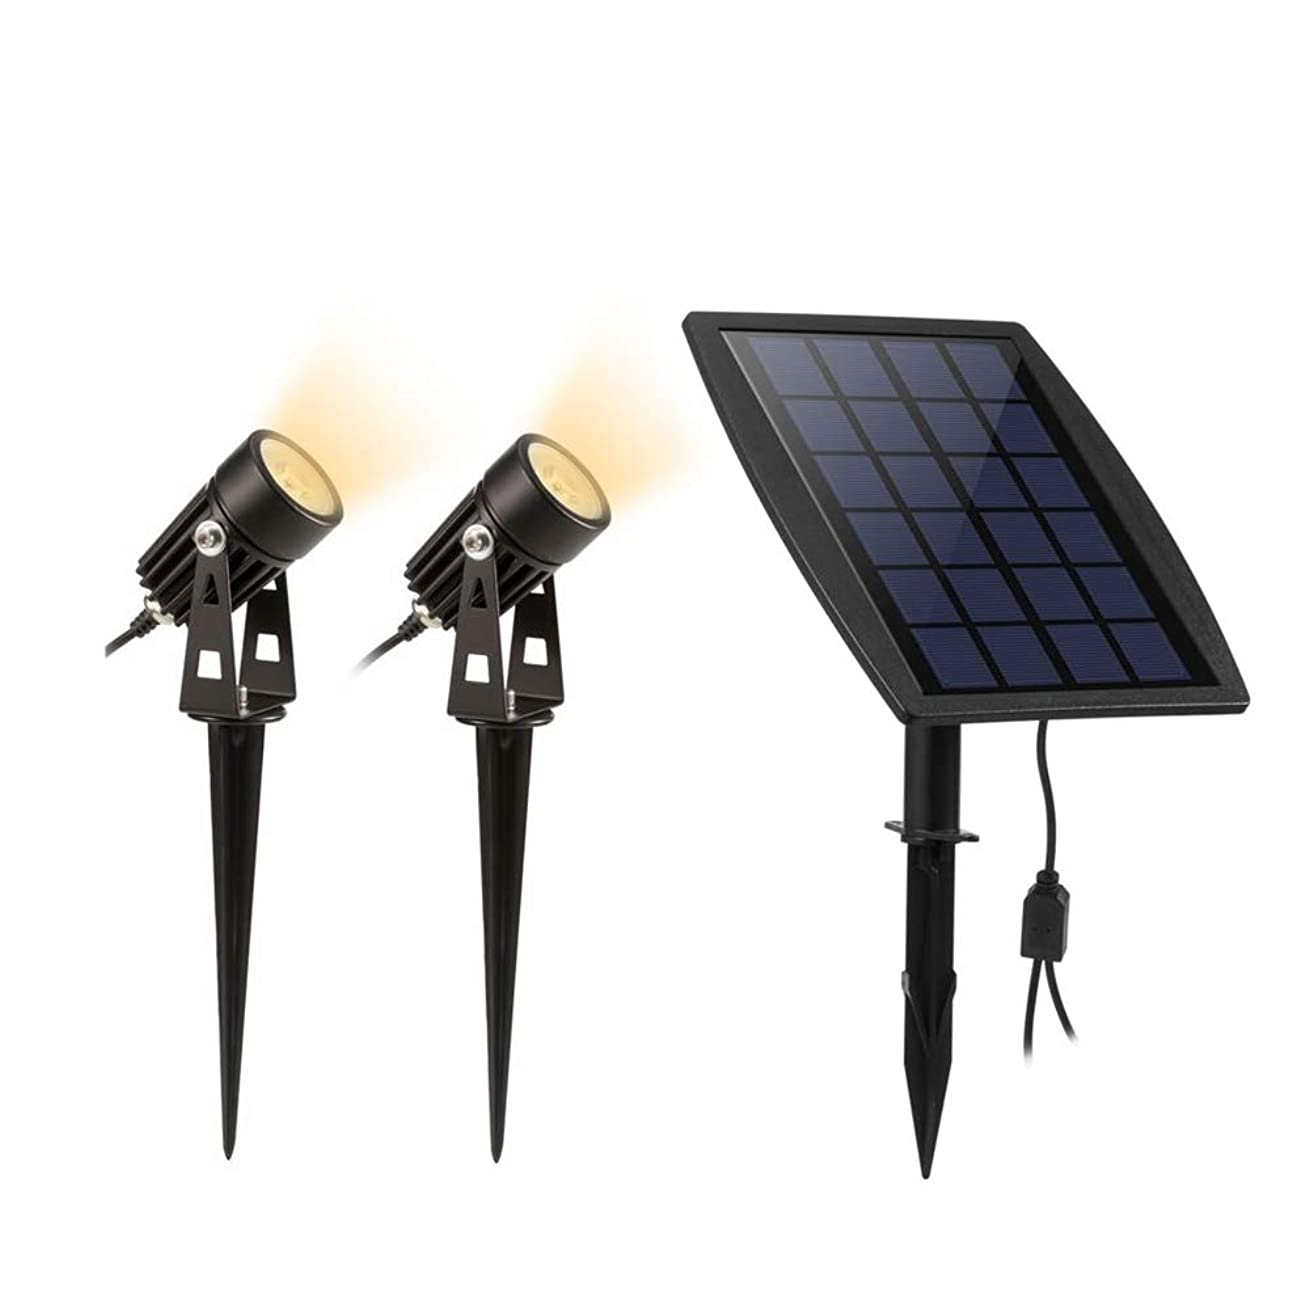 検出する追う液体ソーラーライト LED スポットライト ガーデンライト 太陽光発電 夜間自動点灯 IP65防水 設置簡単 玄関 庭先(電球色)